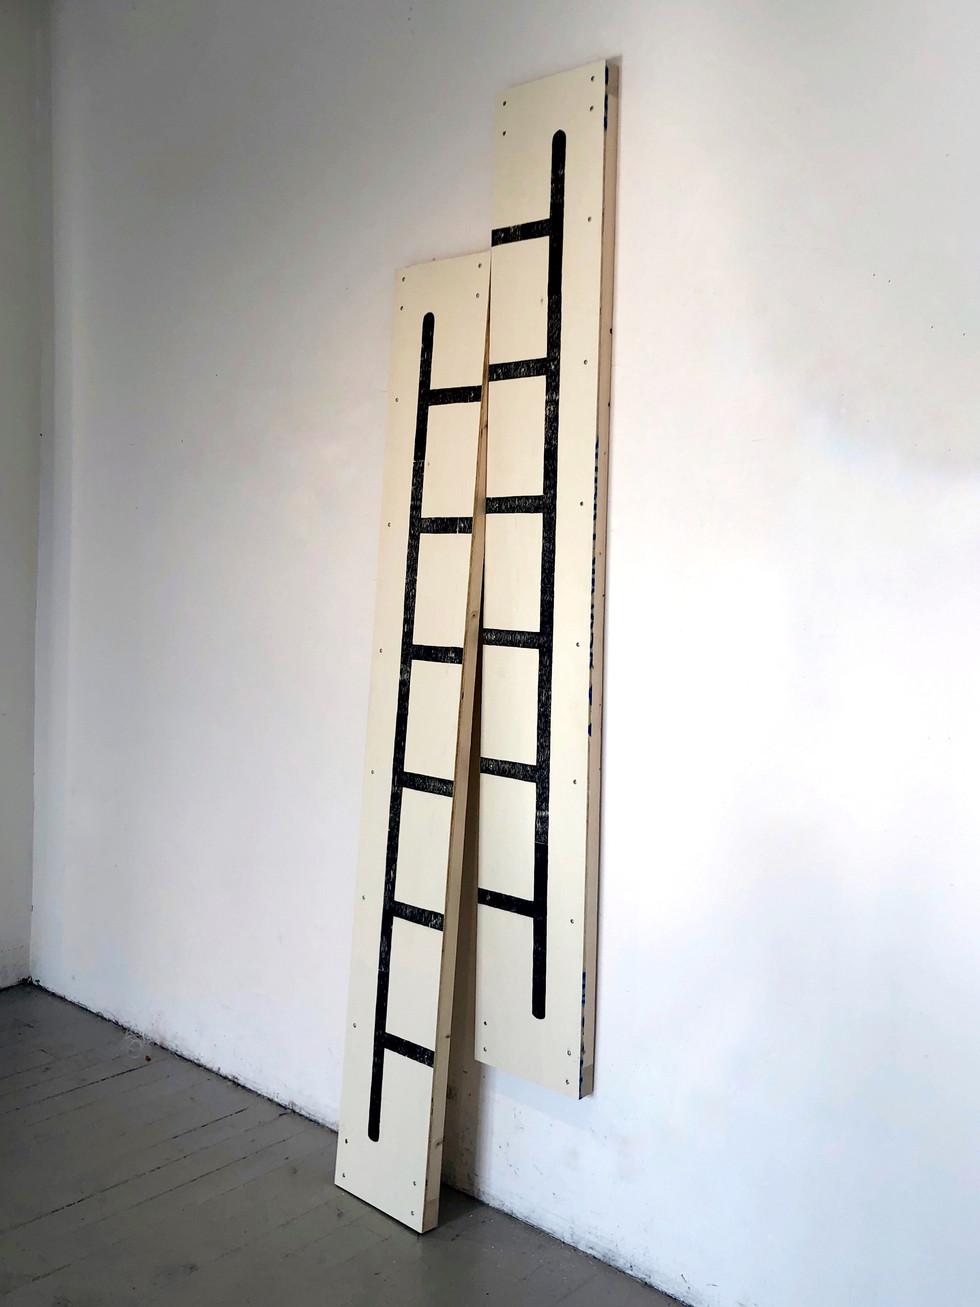 McKinzie Trotta, untitled (two-way ladder), 2019, Screenprint on wood, 2'x7'